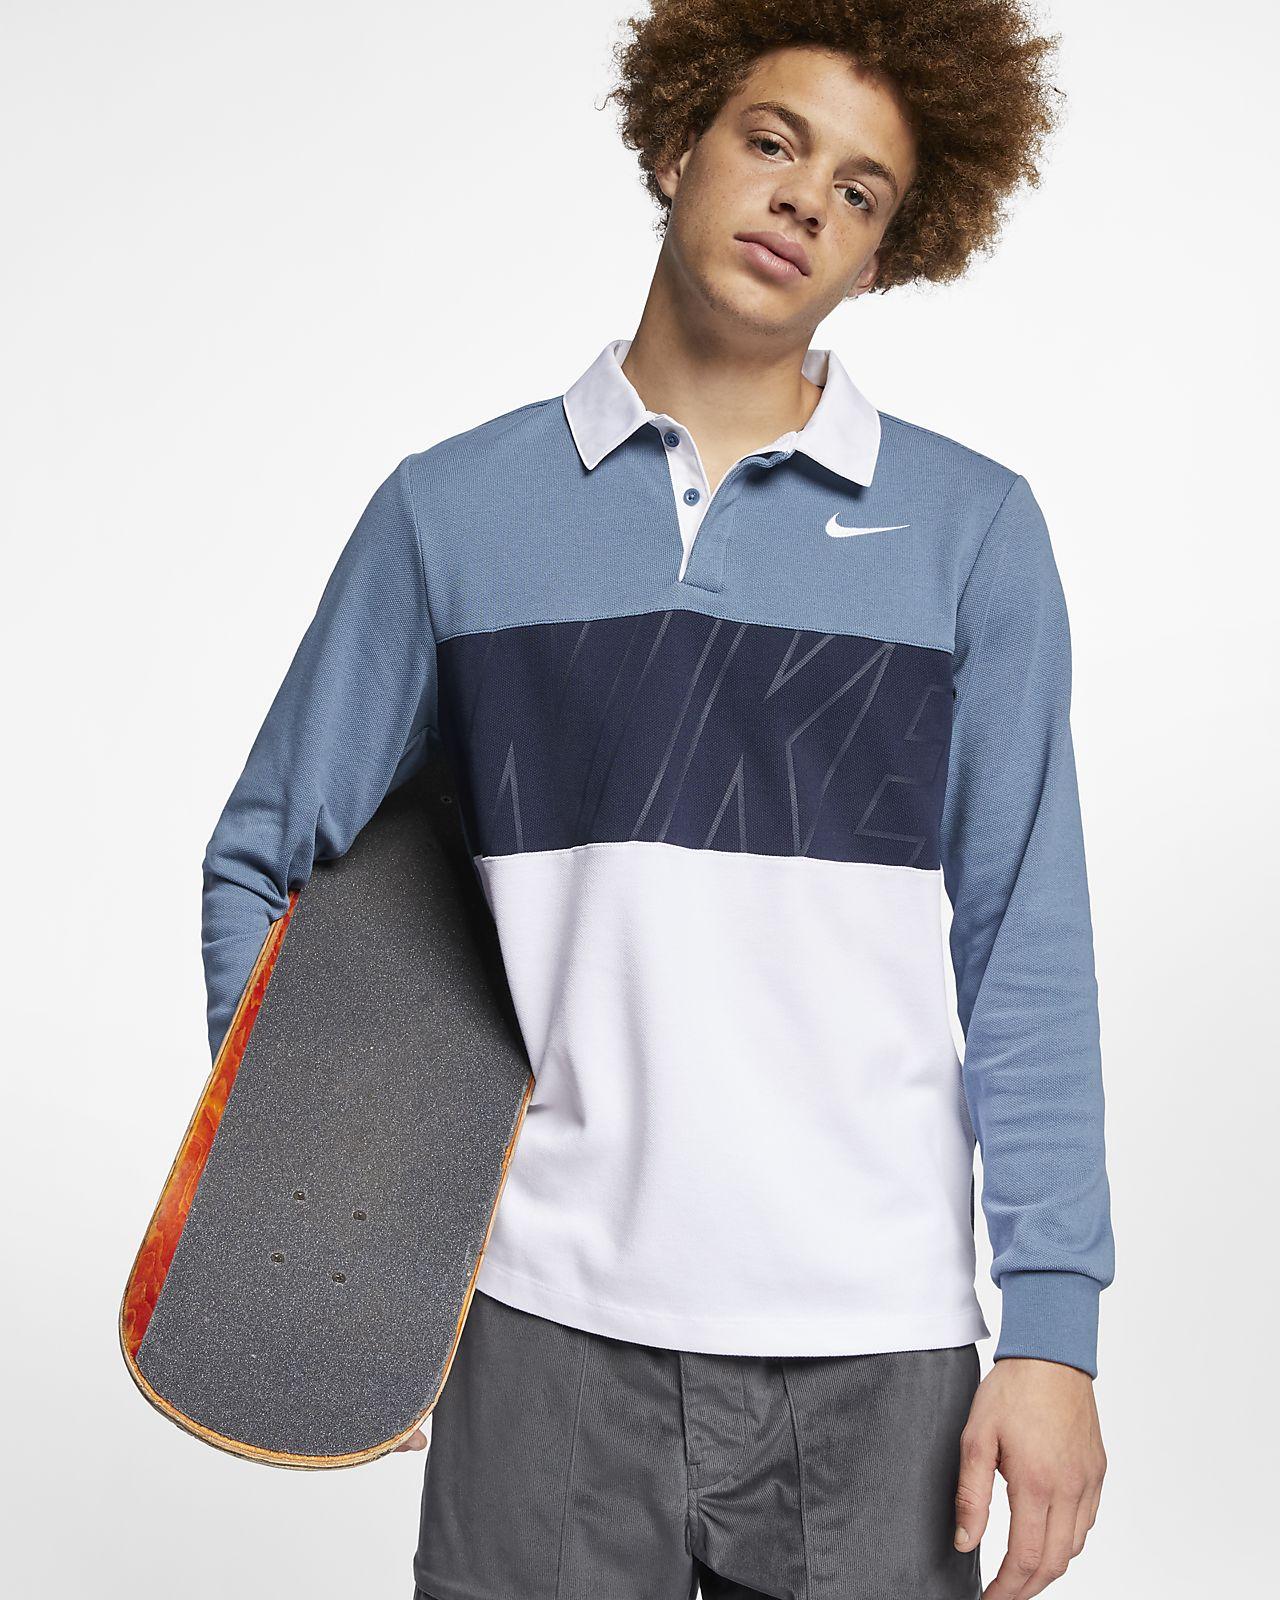 749a0f2b184d Ανδρική μακρυμάνικη μπλούζα πόλο για skateboarding Nike SB Dri-FIT ...